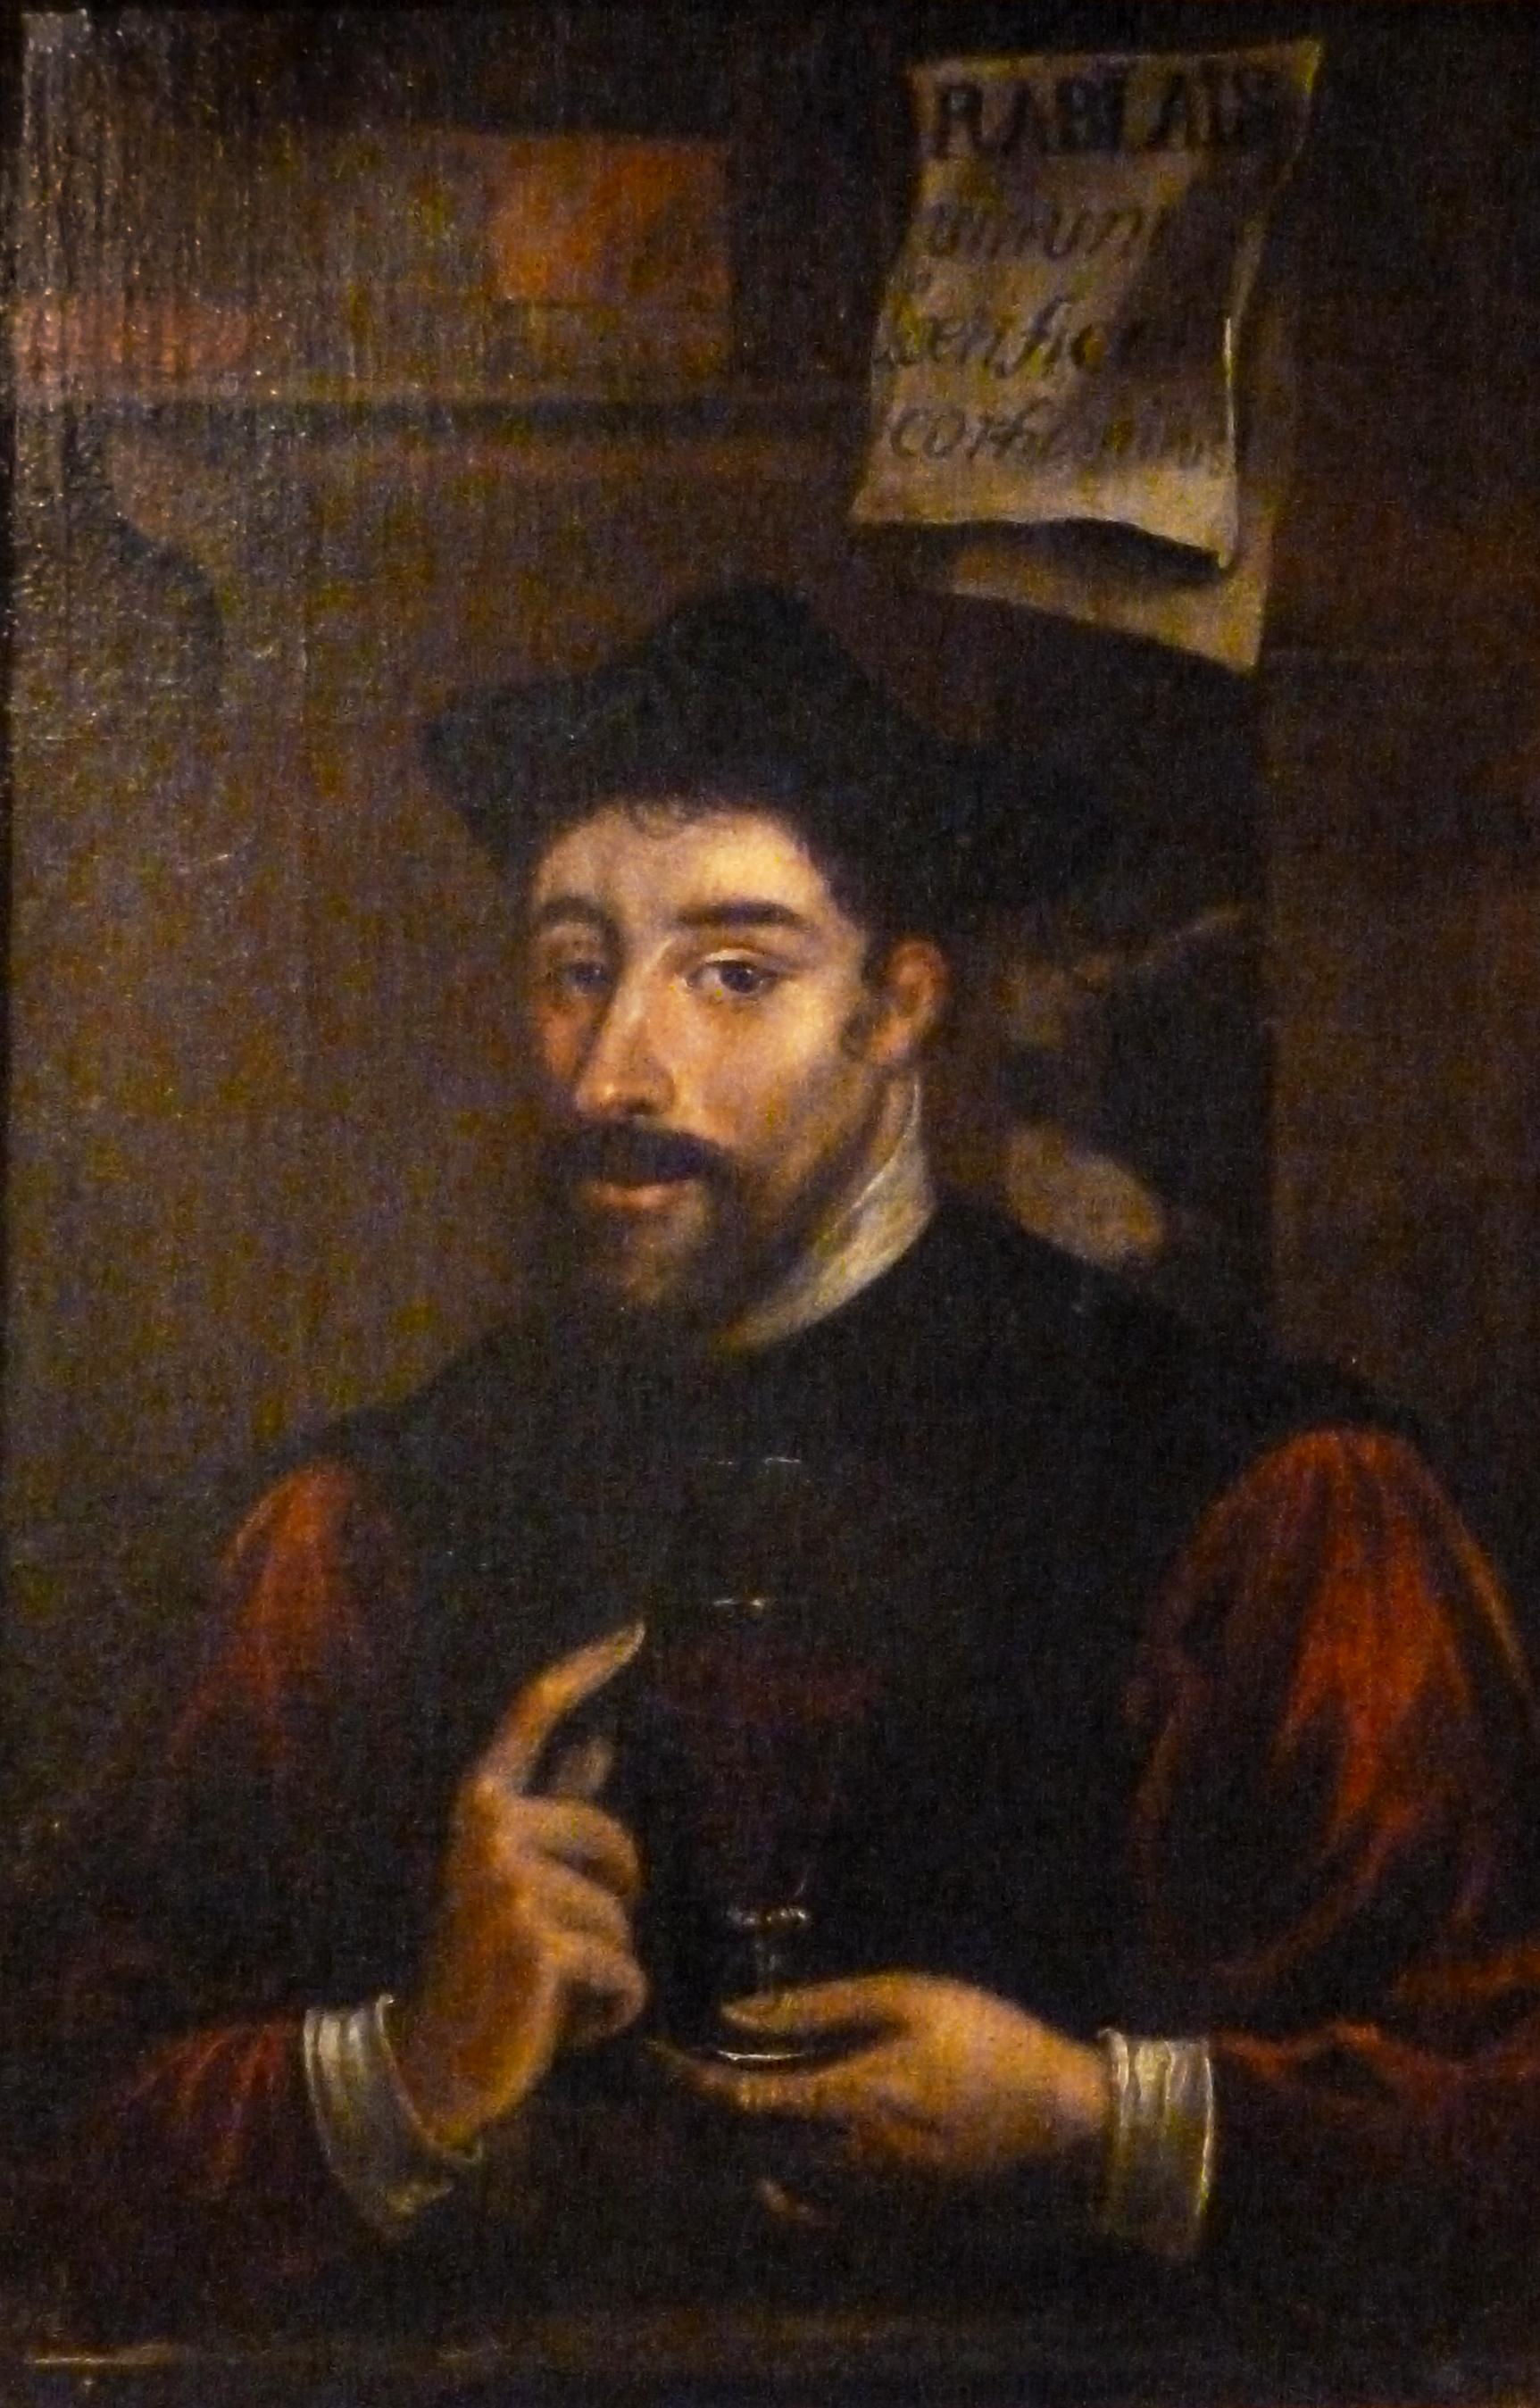 Portrait_de_Rabelais,_par_Louis-François_Durrans